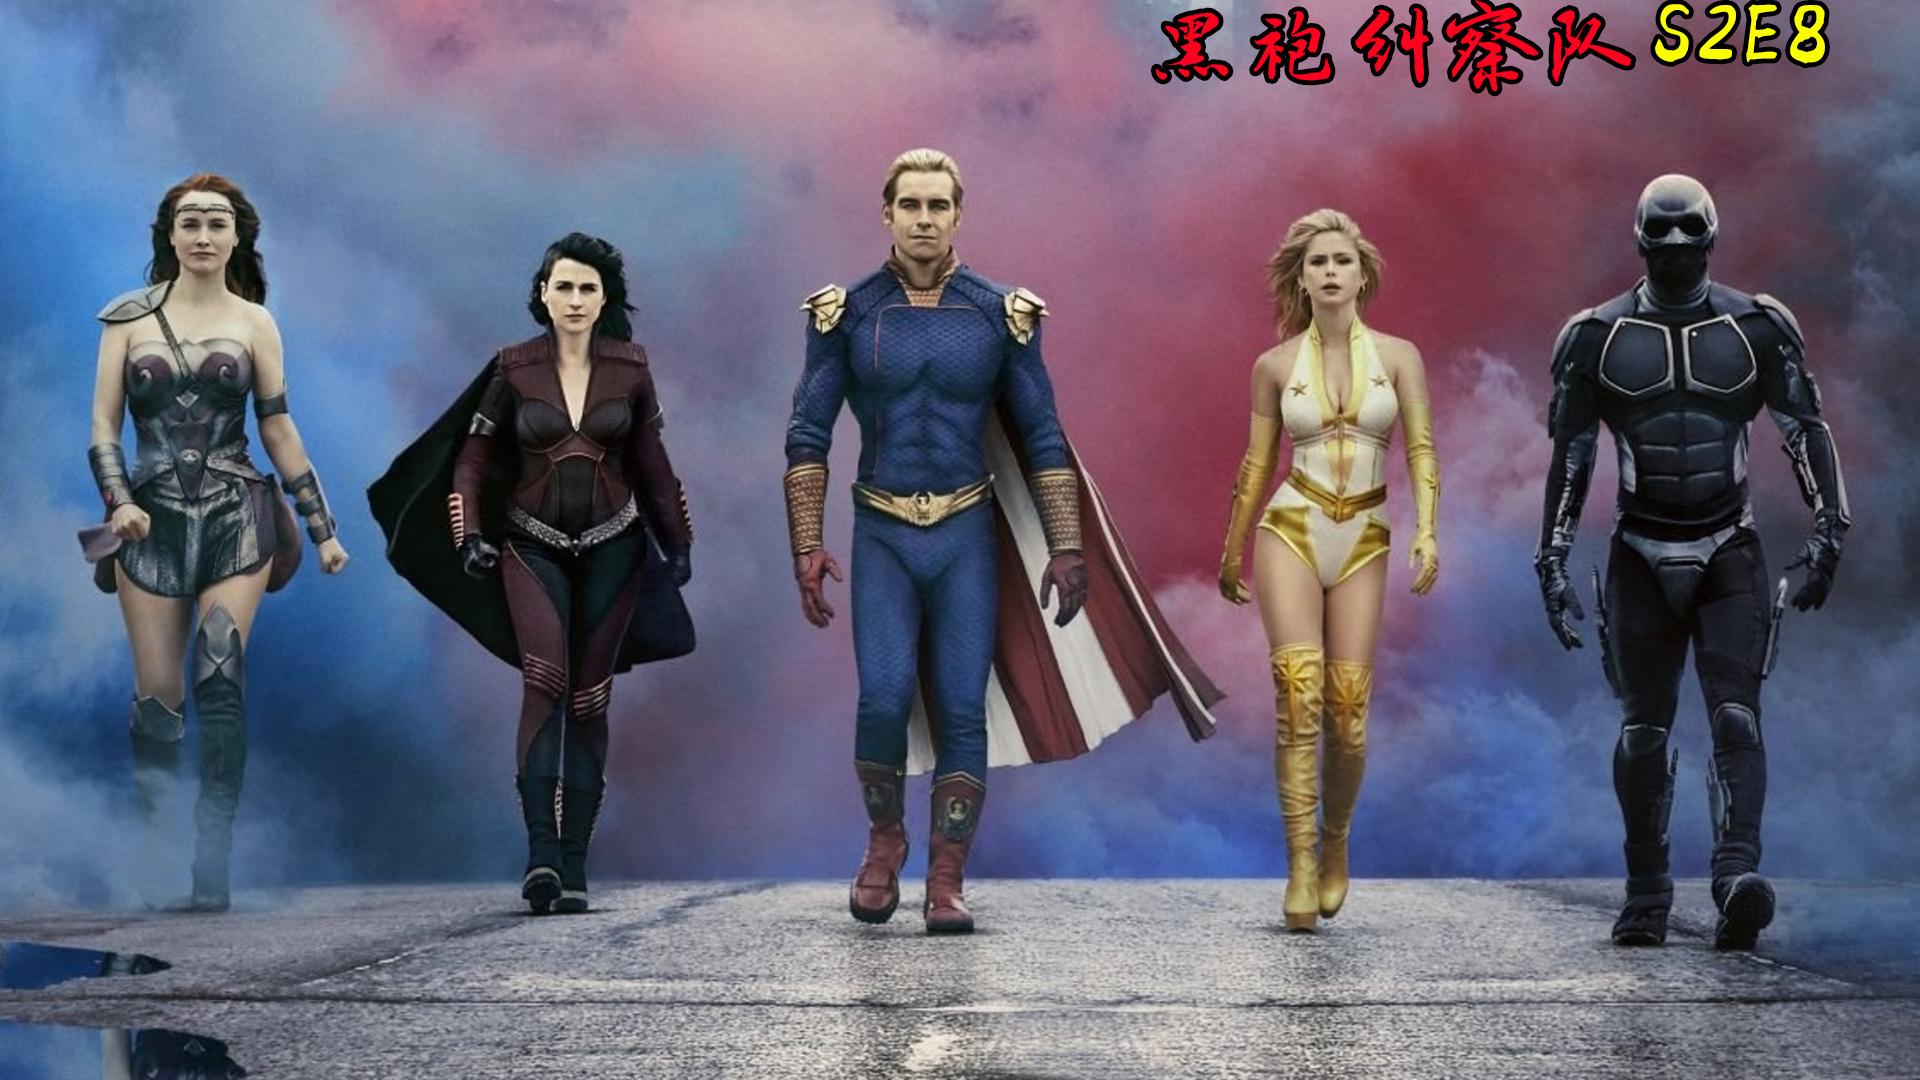 DC漫威超级英雄黑化版·《黑袍纠察队》S2E8剧情解说